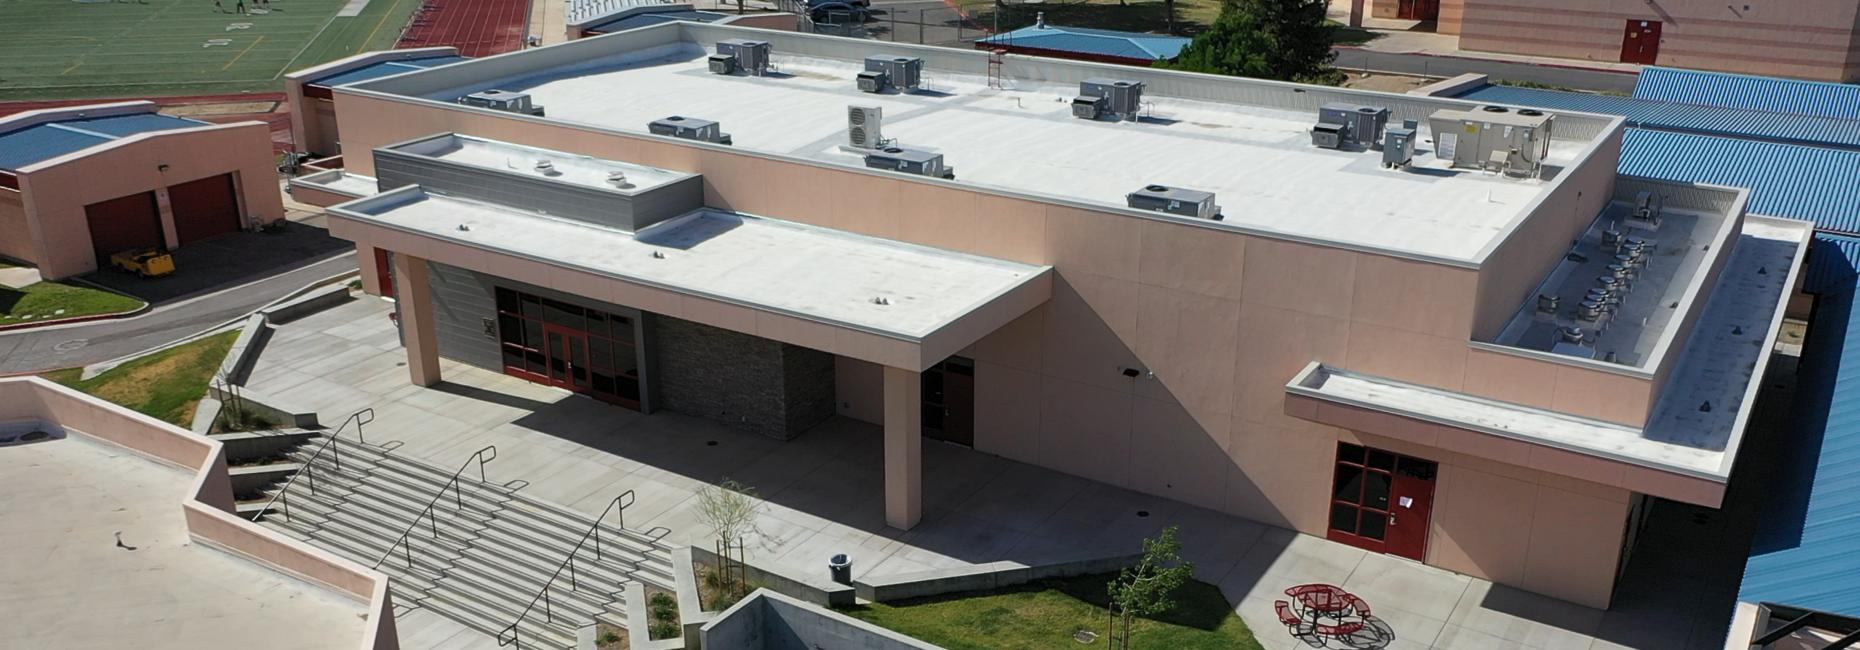 LJE Justice Center